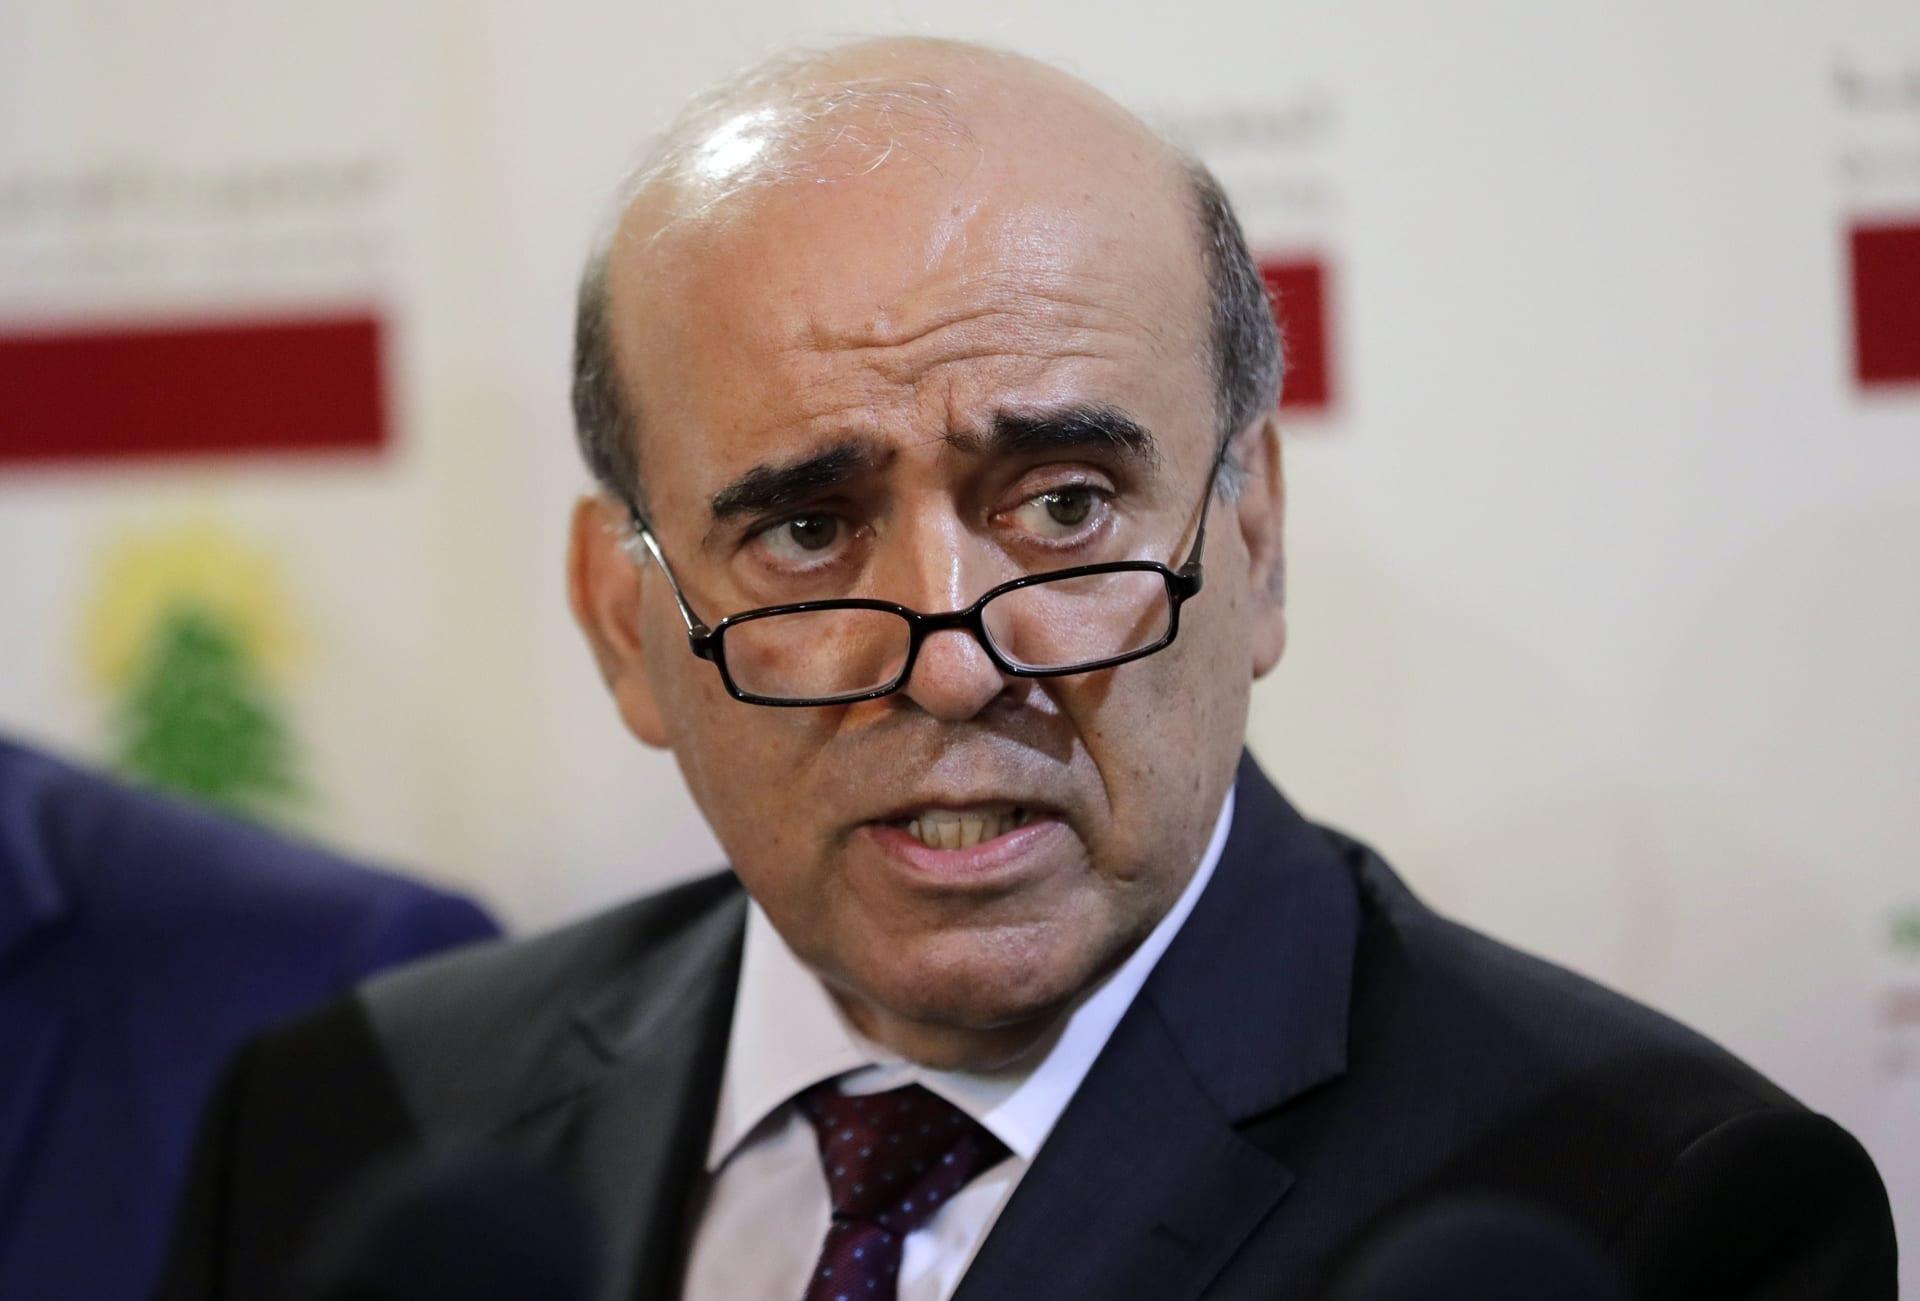 """الخارجية السعودية تستدعي السفير اللبناني احتجاجاً على """"إساءات"""" شربل وهبه"""